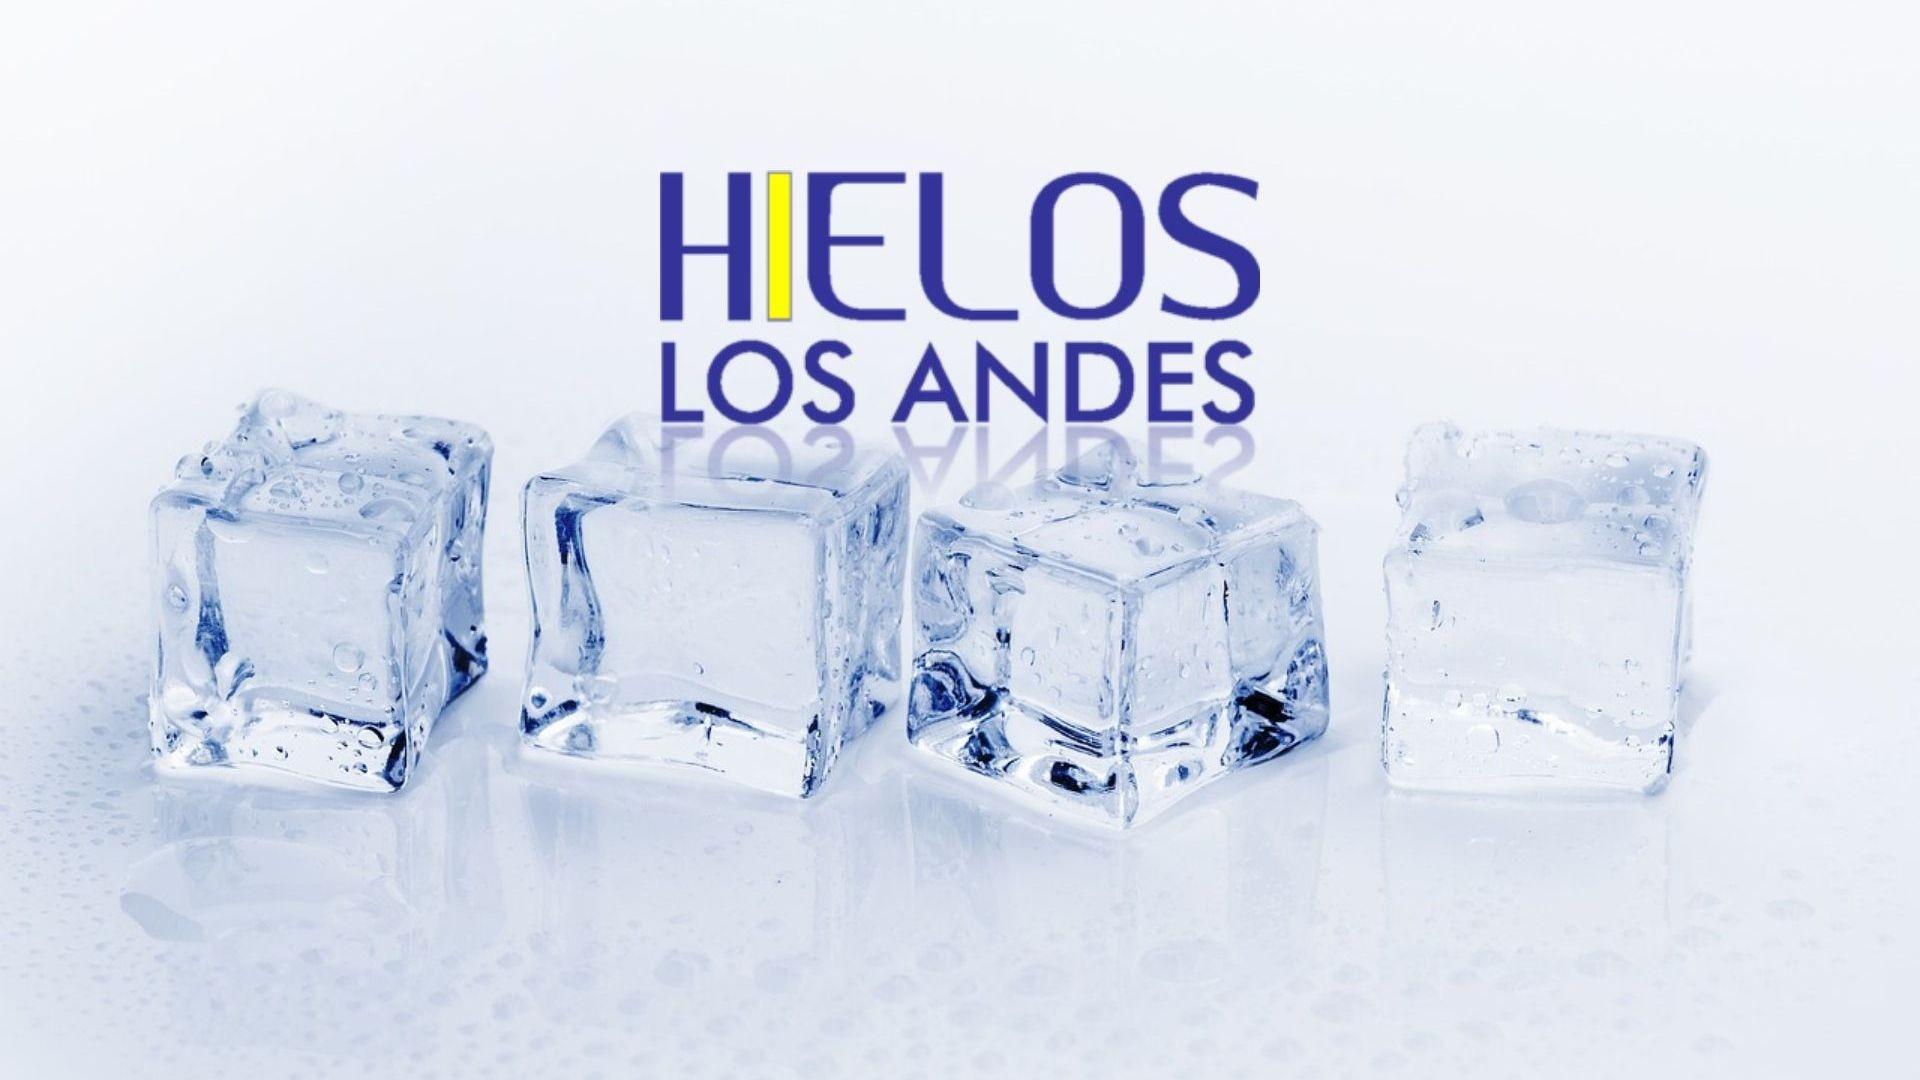 HIELOS LOS ANDES MADRID